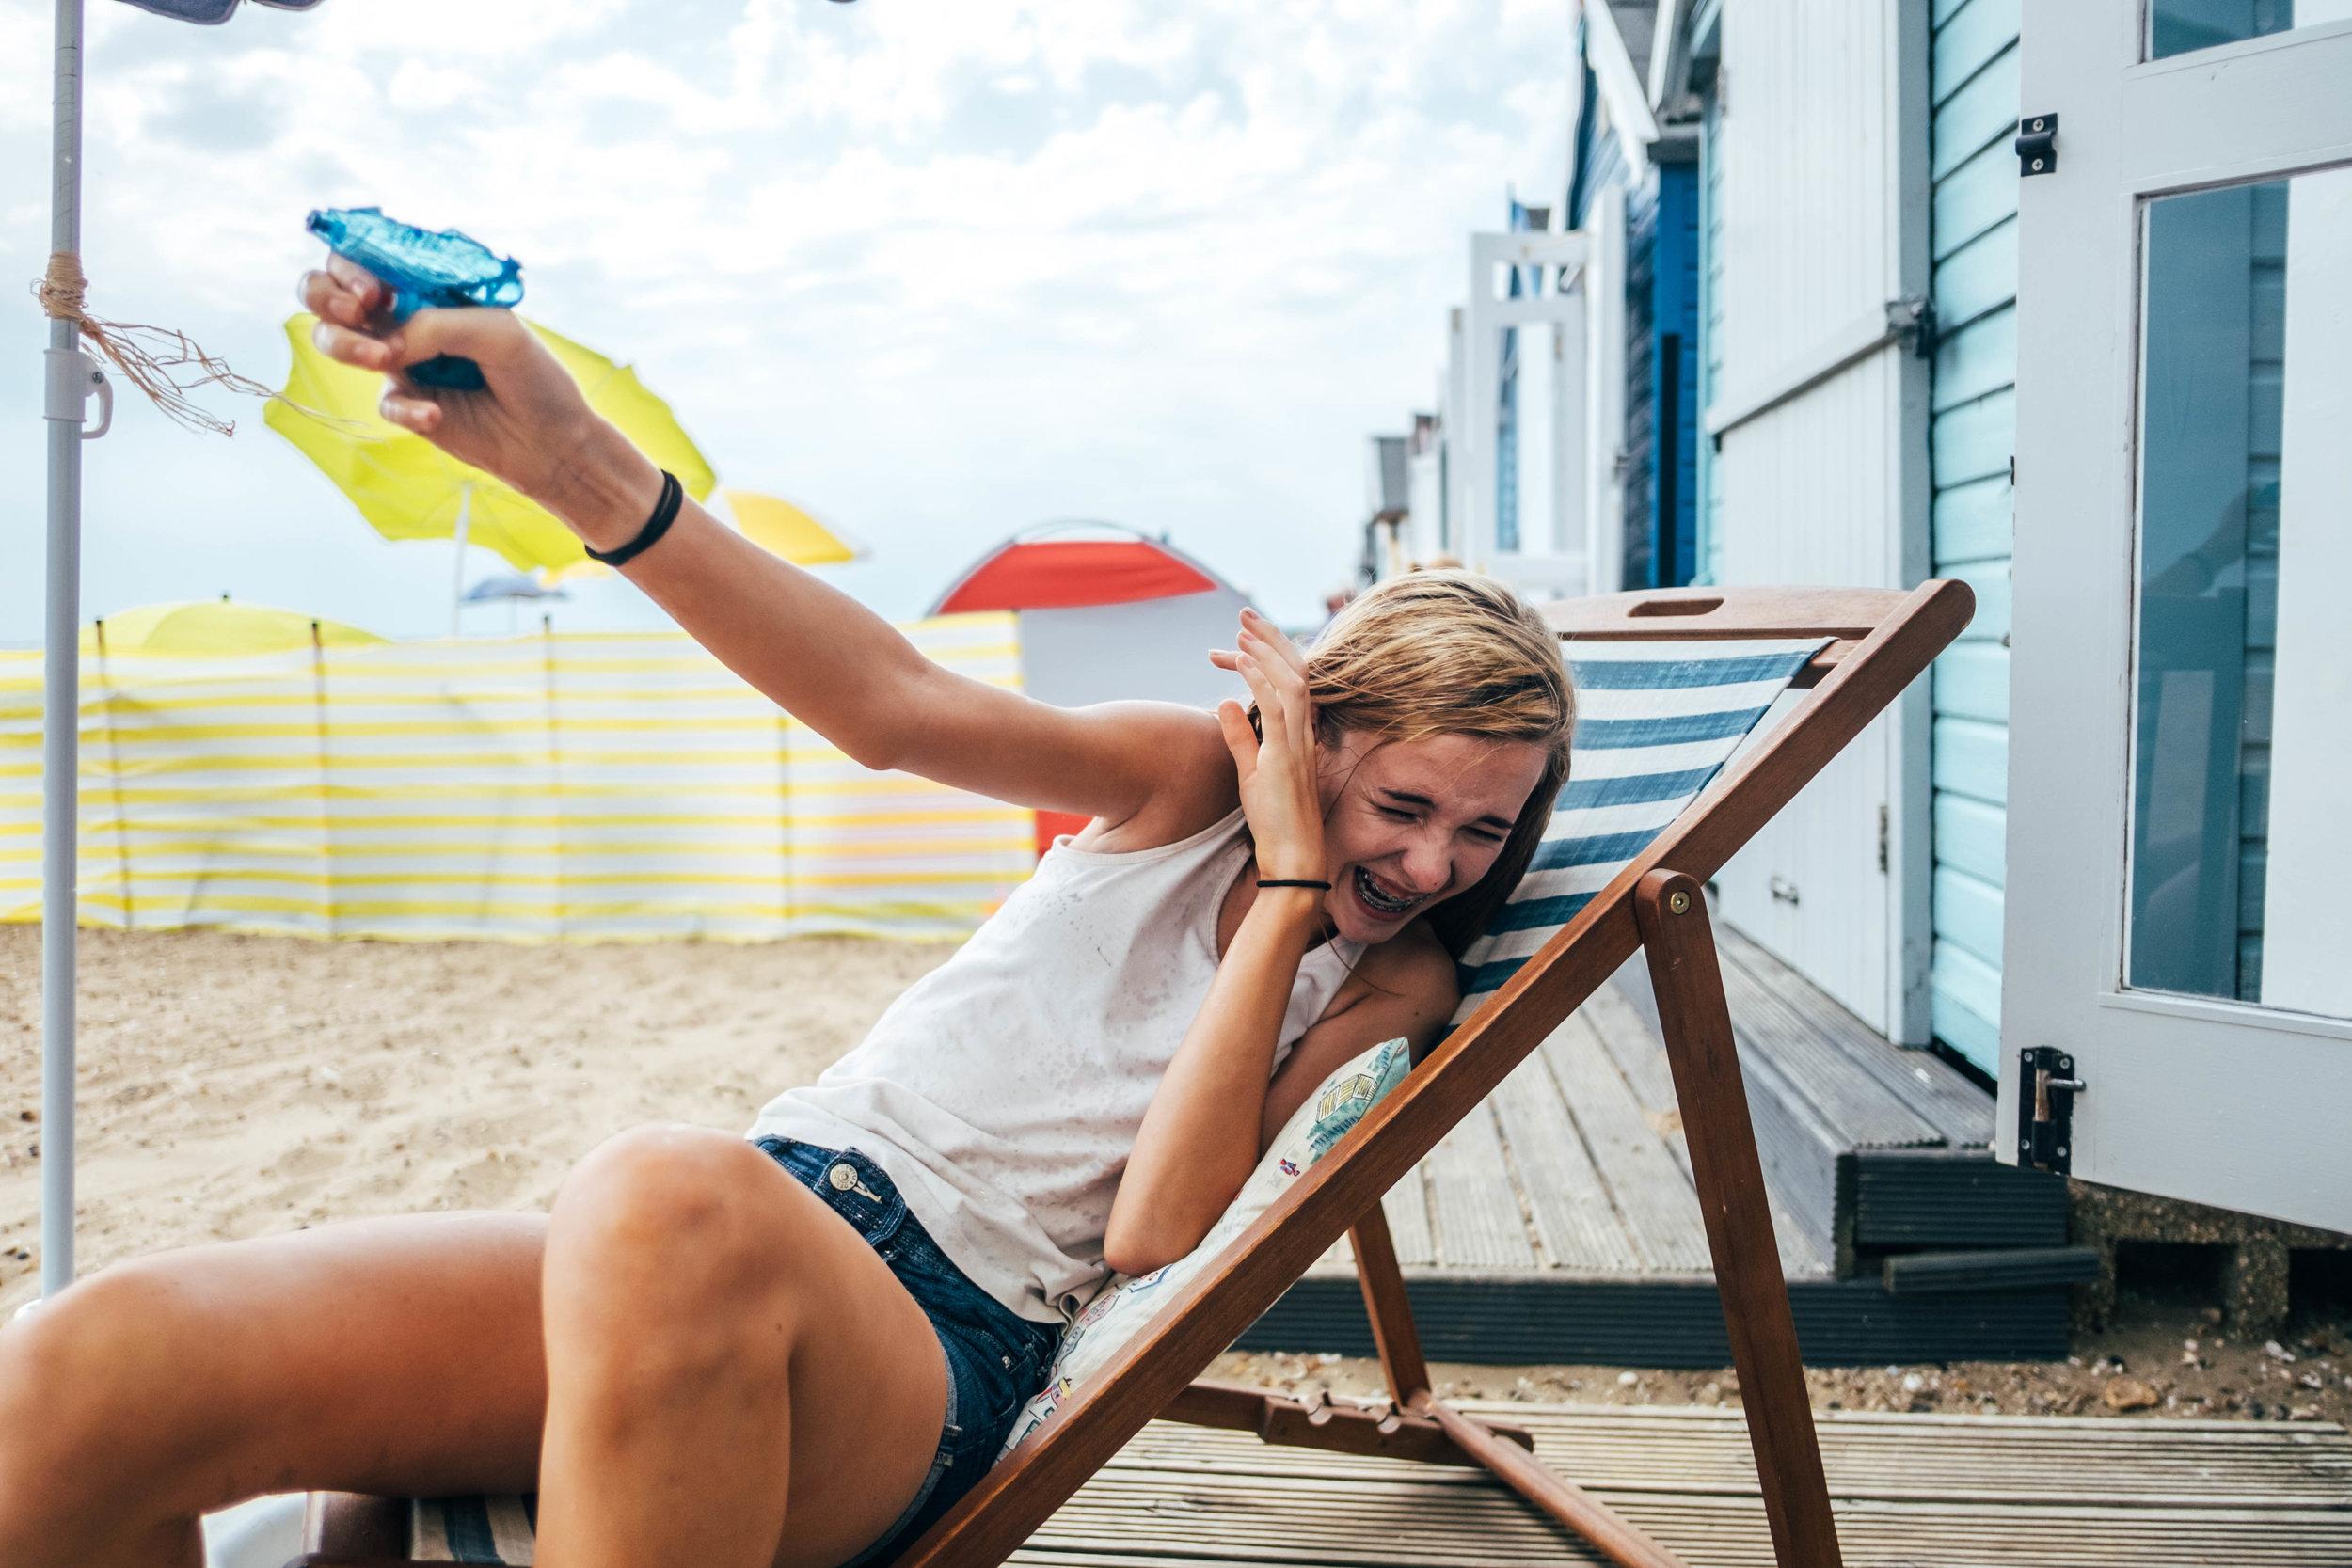 teen girl fires water gun in deck chair